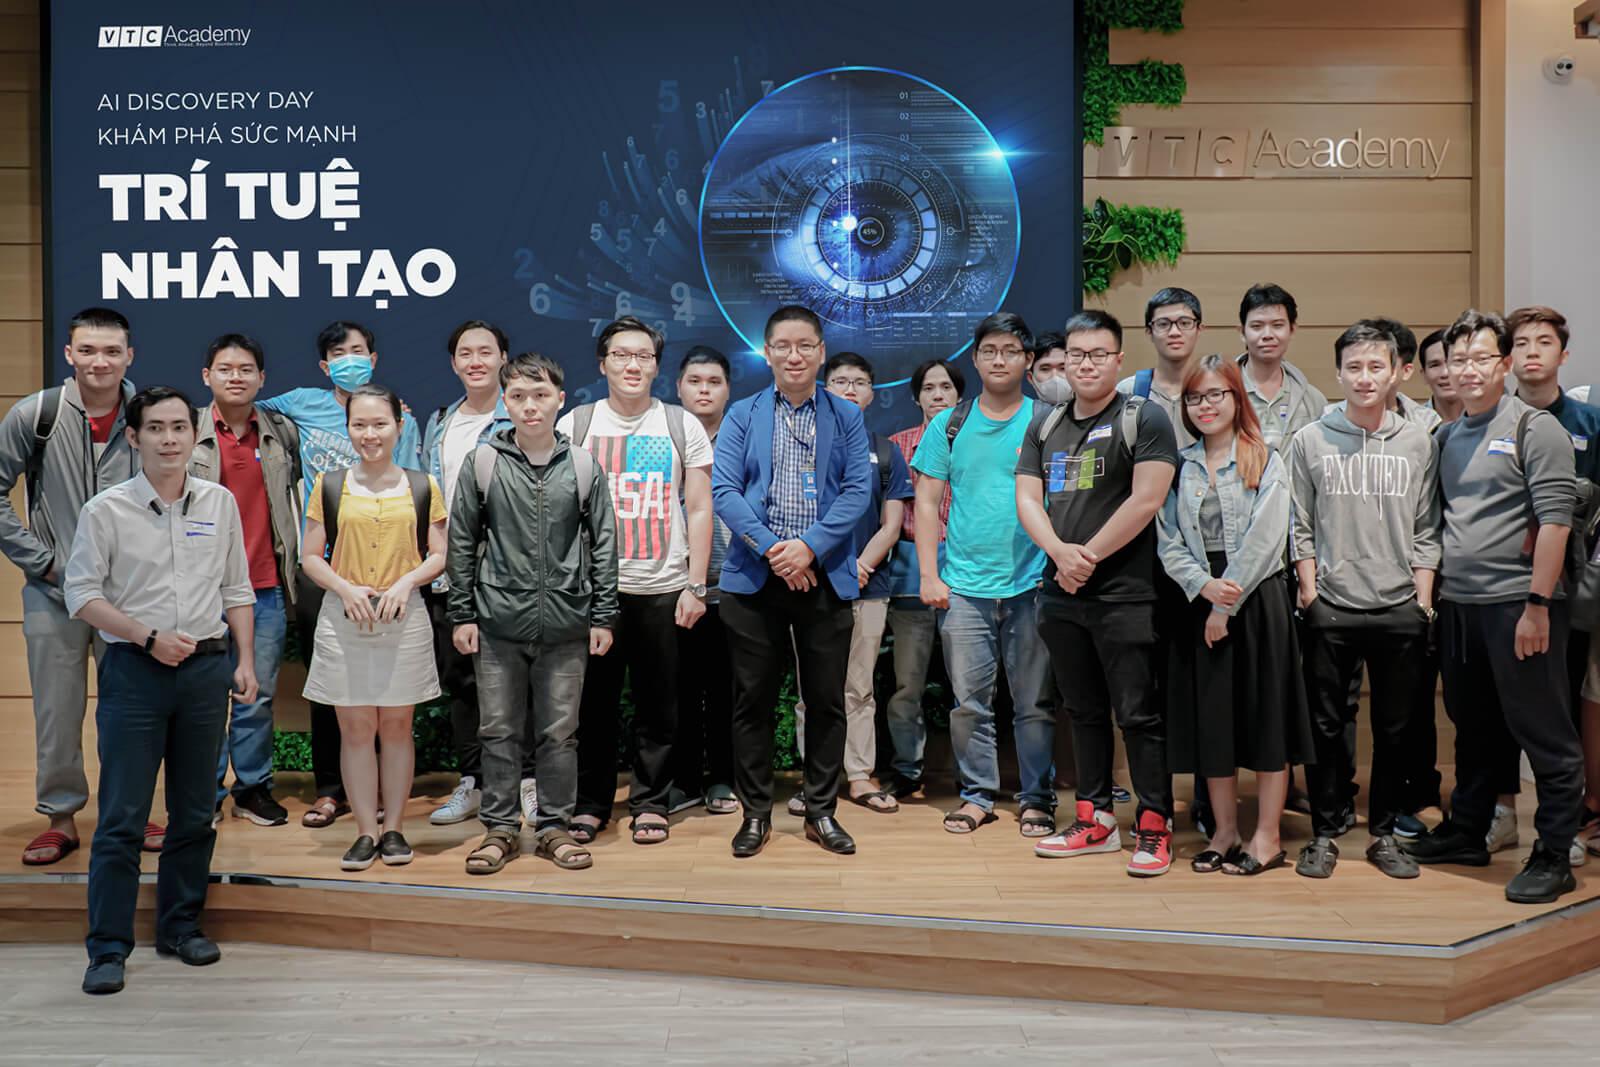 VTC Academy tiếp tục tổ chức chuỗi sự kiện khám phá Trí tuệ nhân tạo (AI) trên cả nước